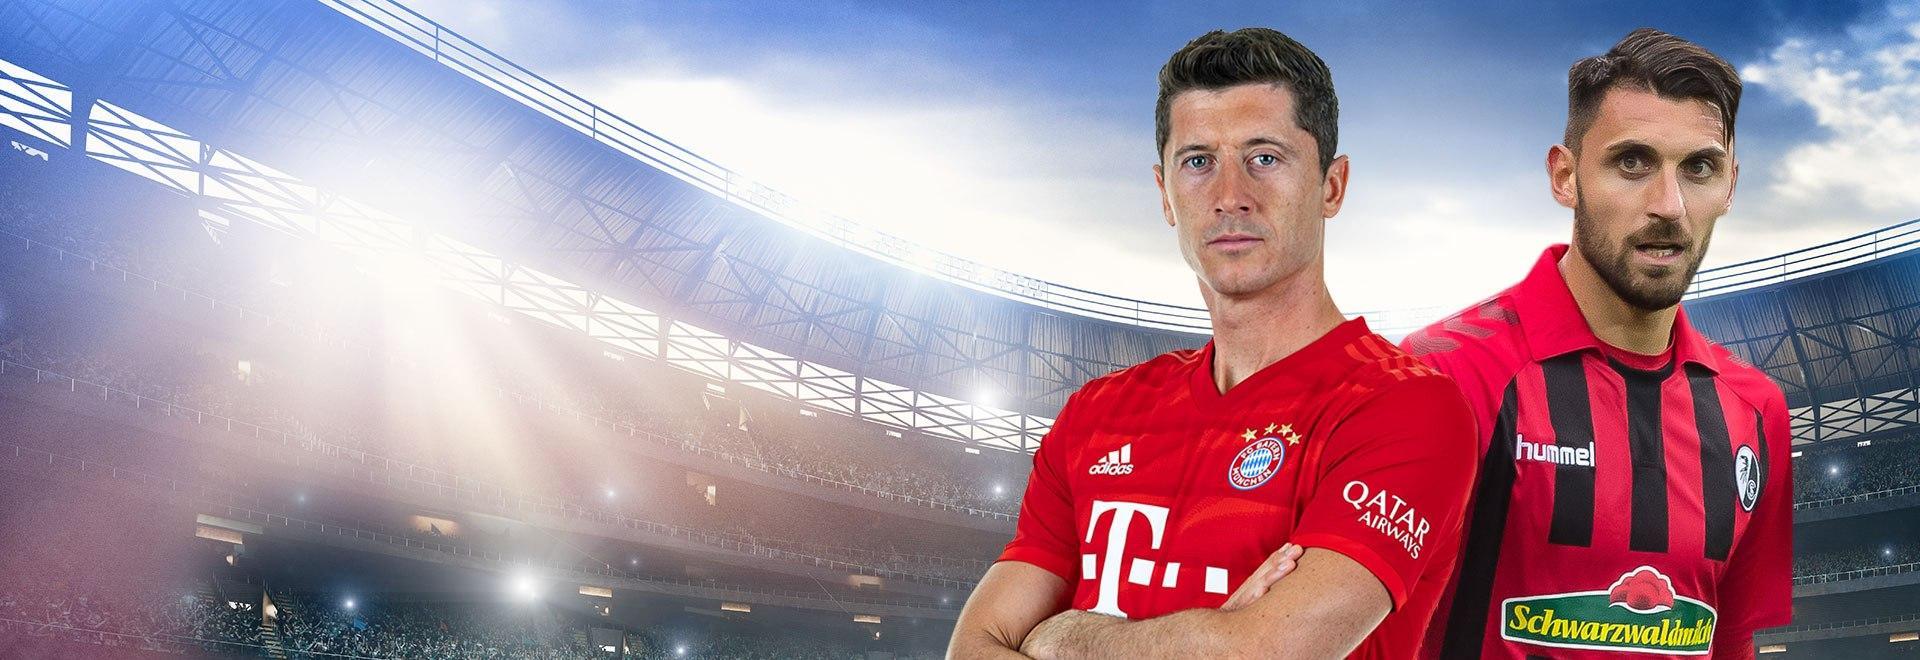 Bayern M. - Friburgo. 33a g.